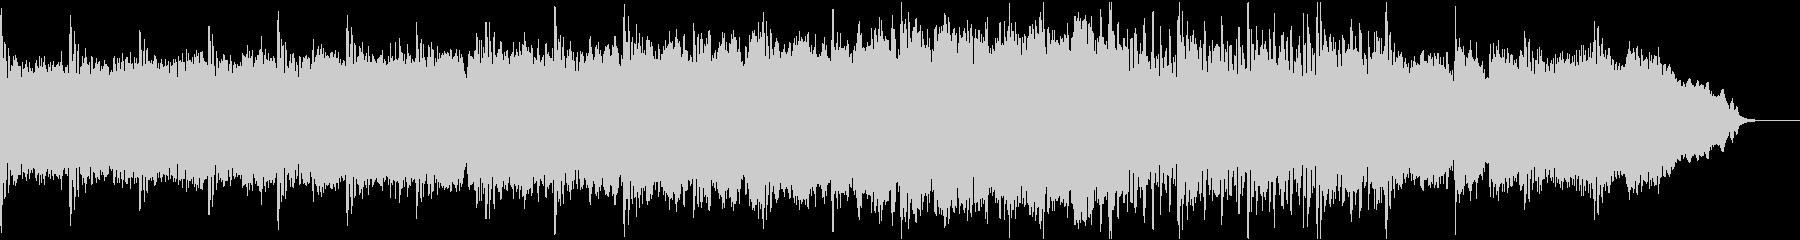 感動的・ピアノ&ストリングス&Percの未再生の波形